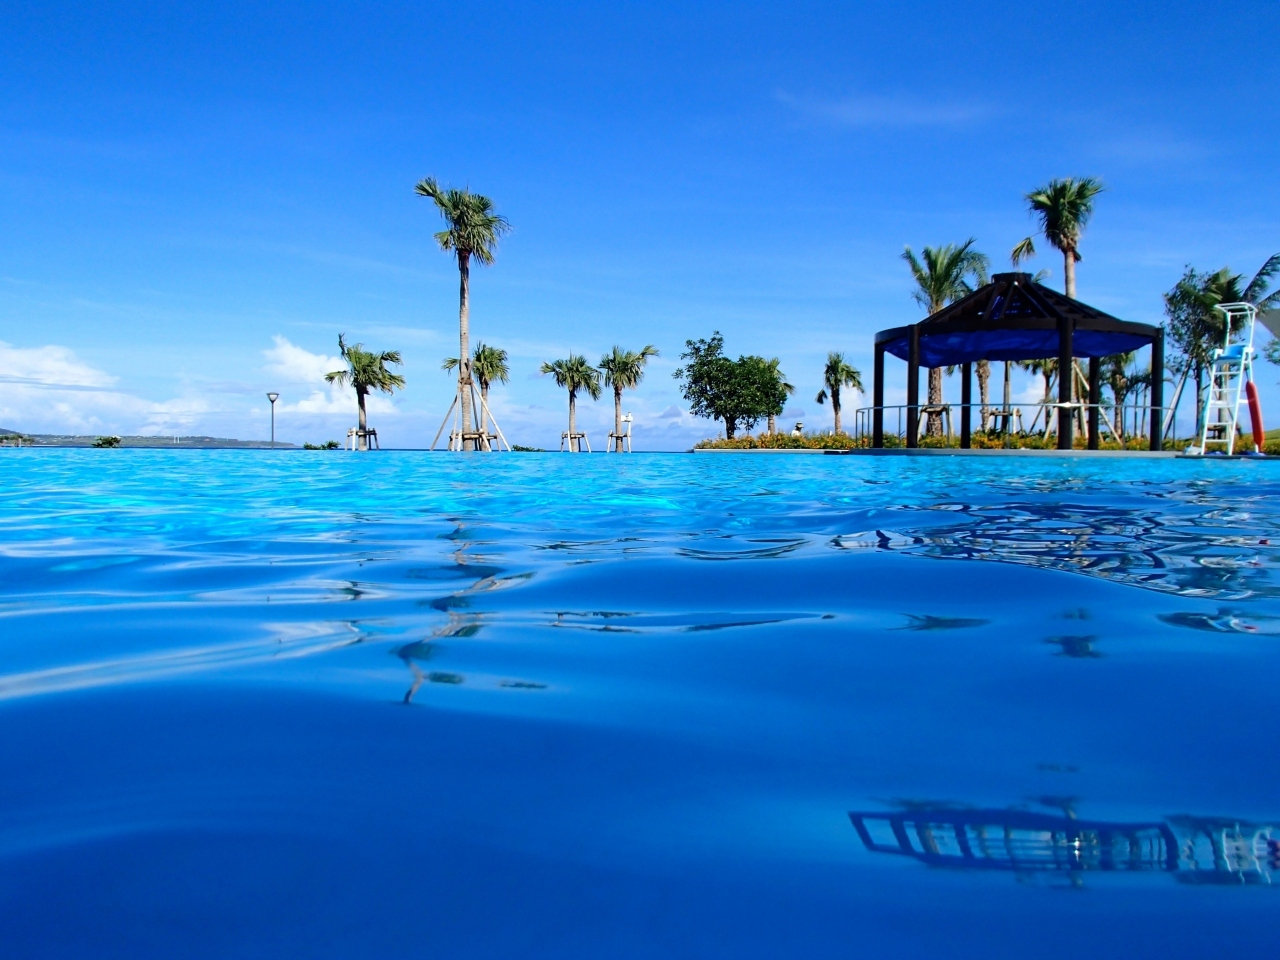 海とひとつになる!インフィニティプールのある沖縄ホテル11選